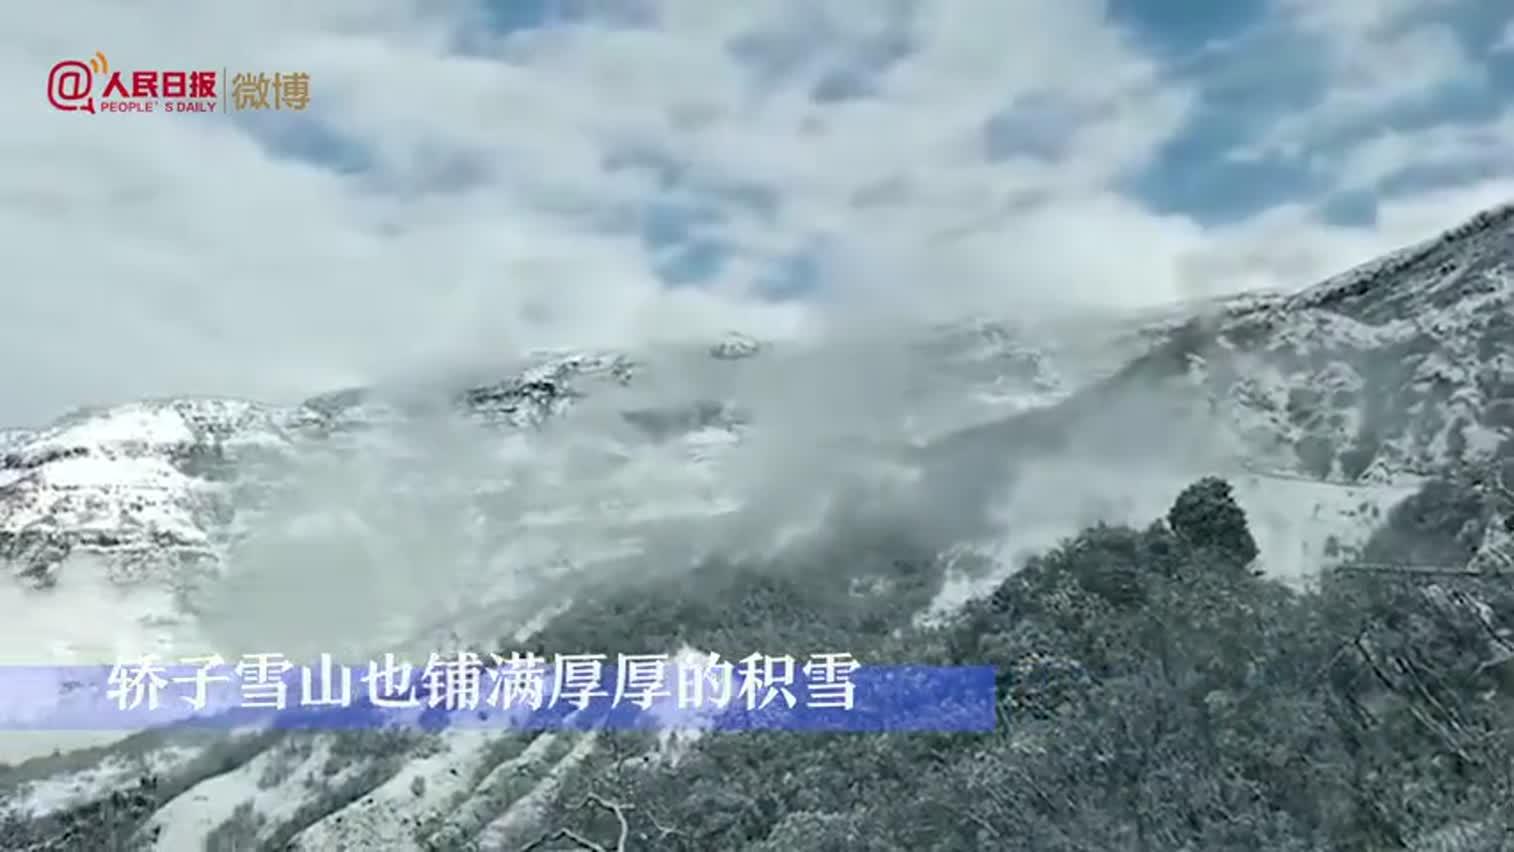 视频:昆明迎来降雪 轿子雪山上铺满厚厚的积雪